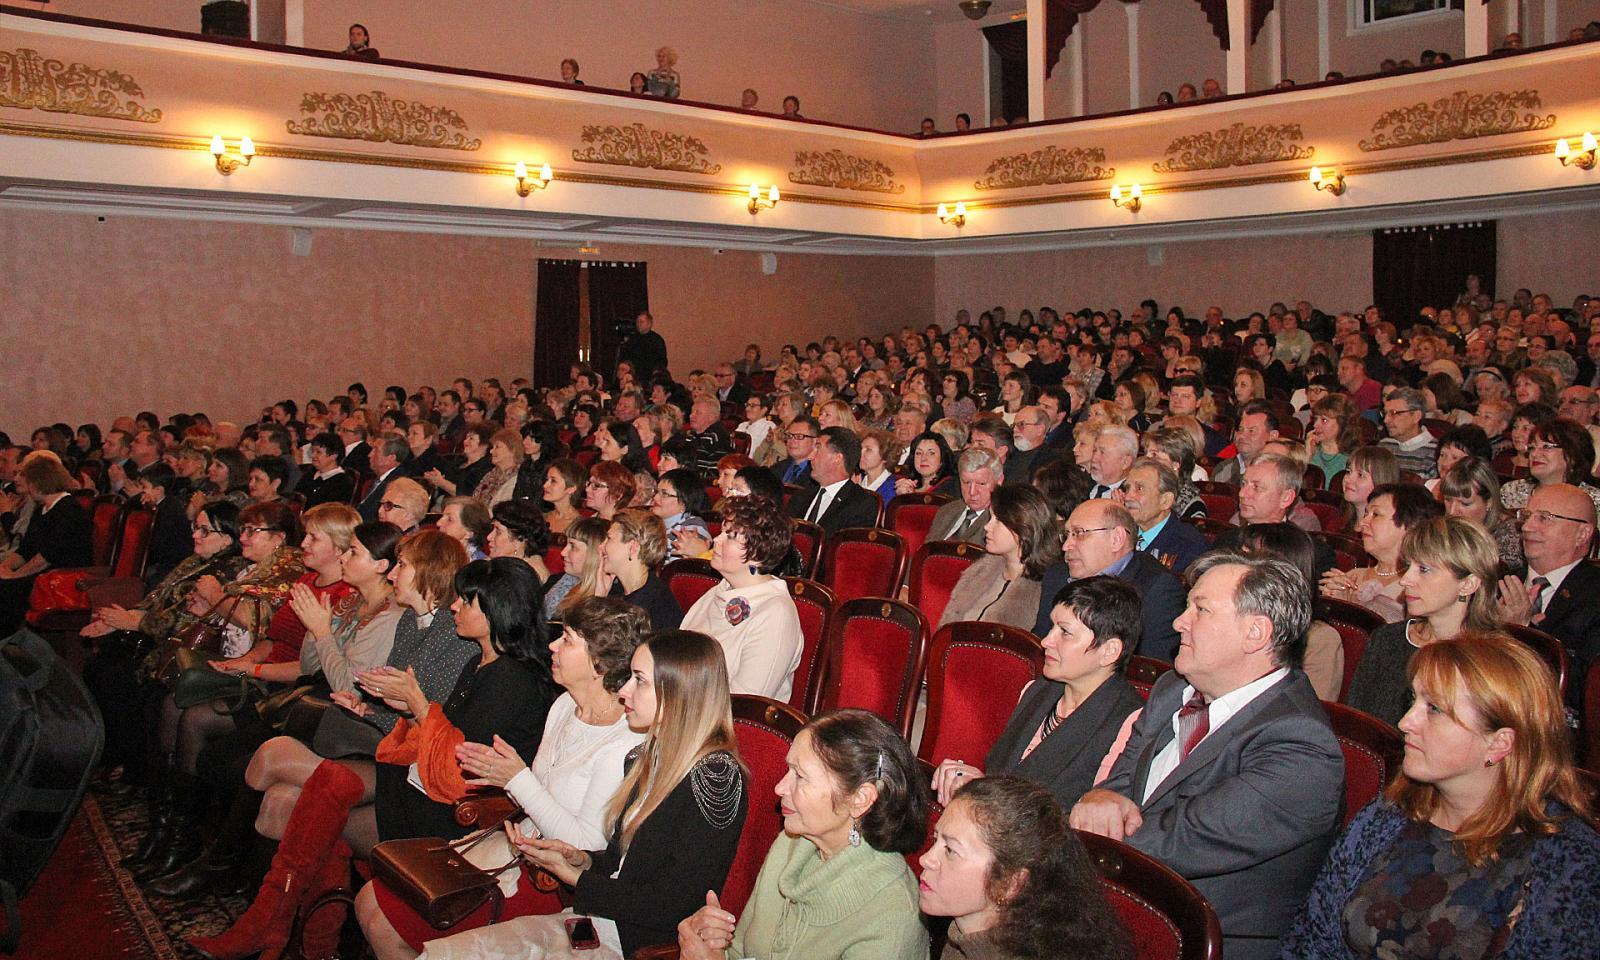 Брянский театр драмы на Всероссийском фестивале покажет спектакль «Кириллин день»